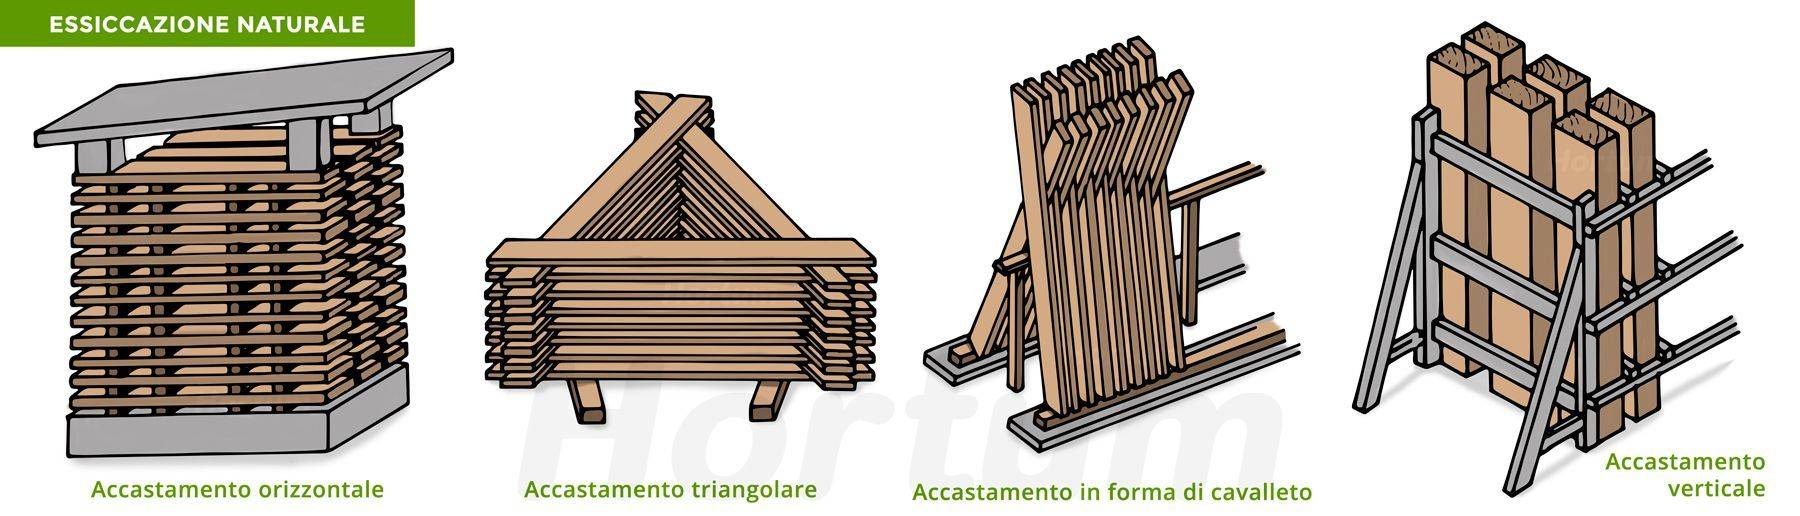 Forme di essiccazione di legno naturale